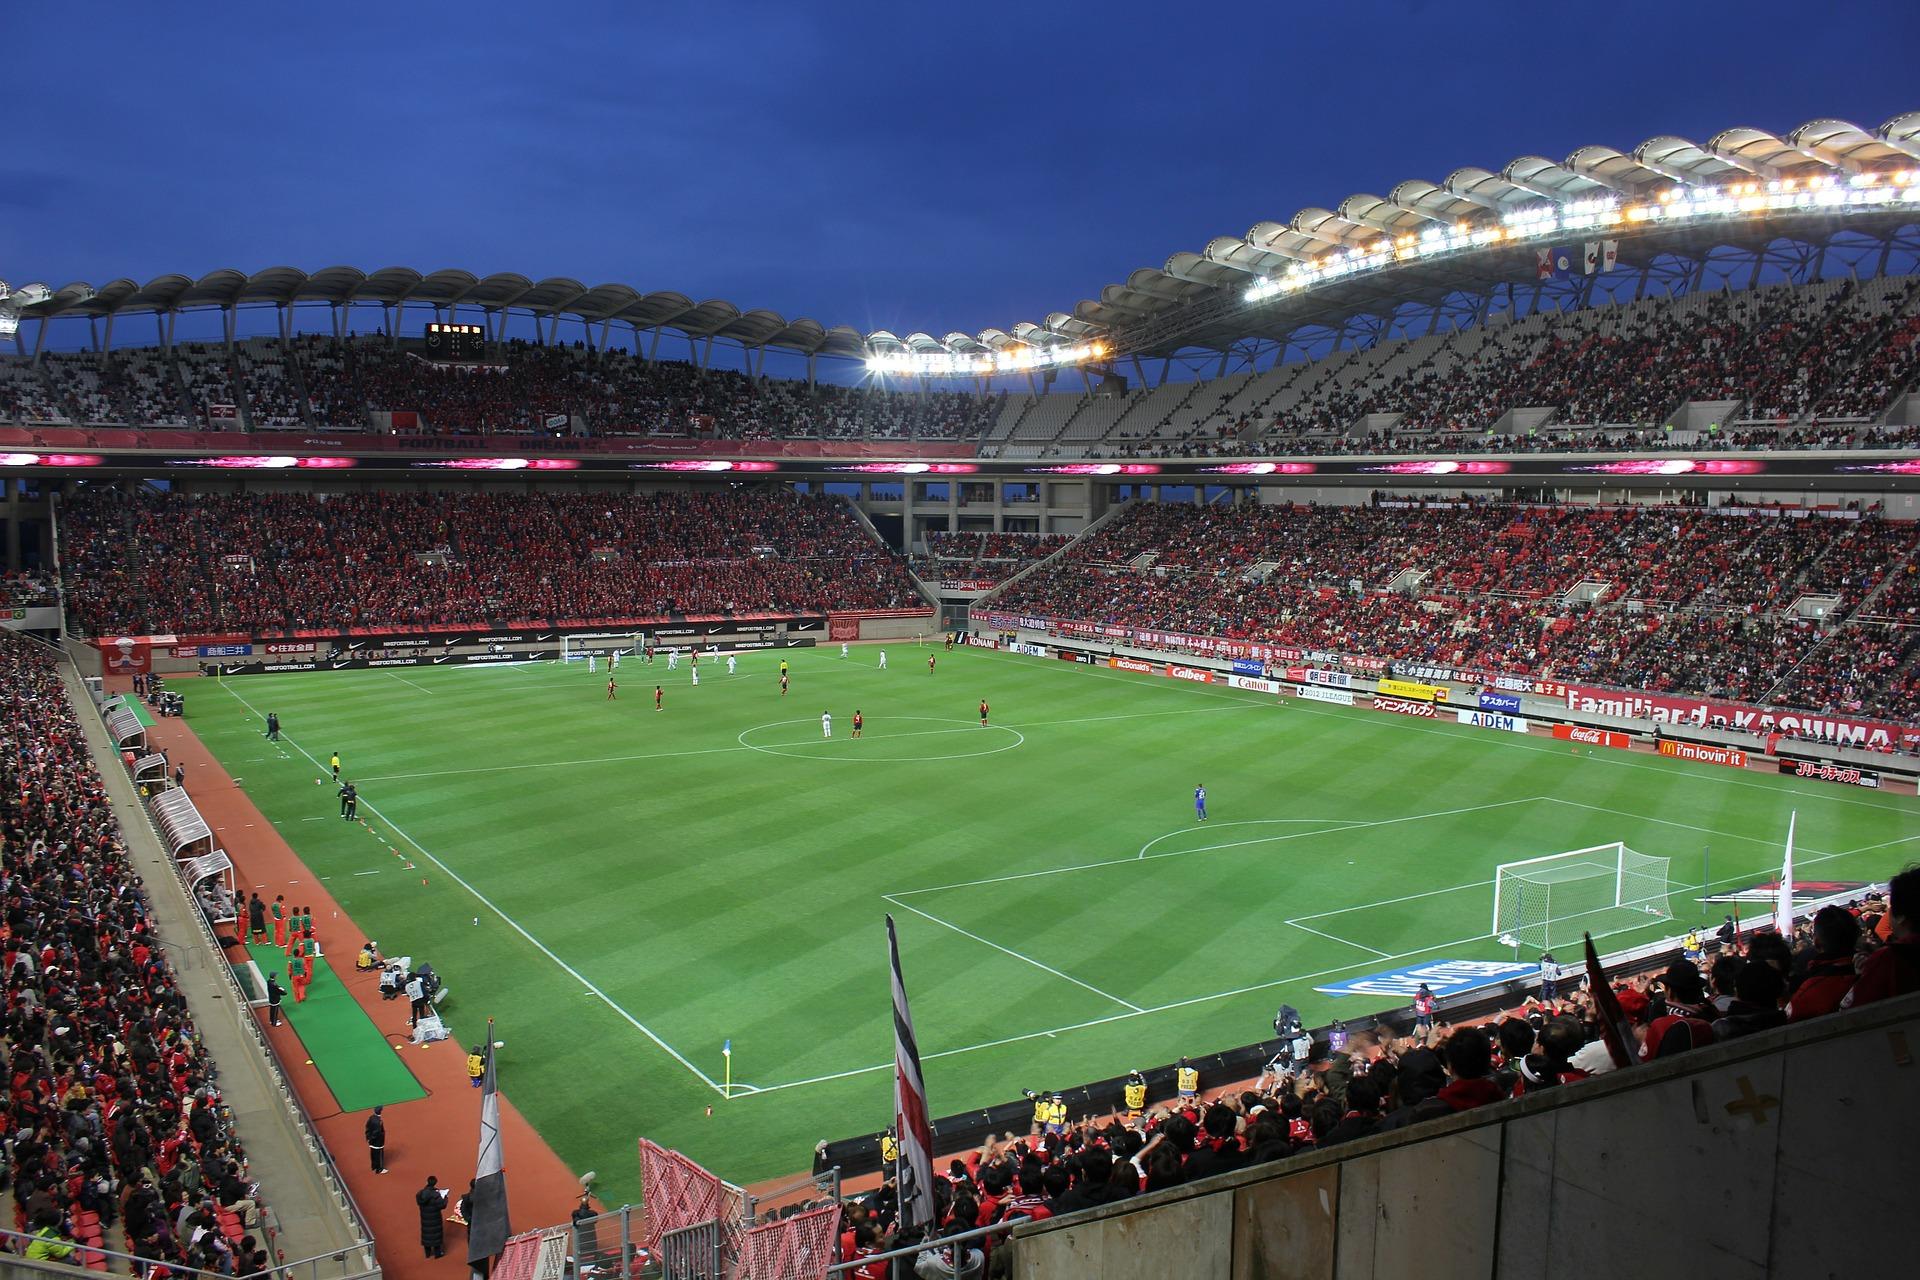 stadium-77878_1920